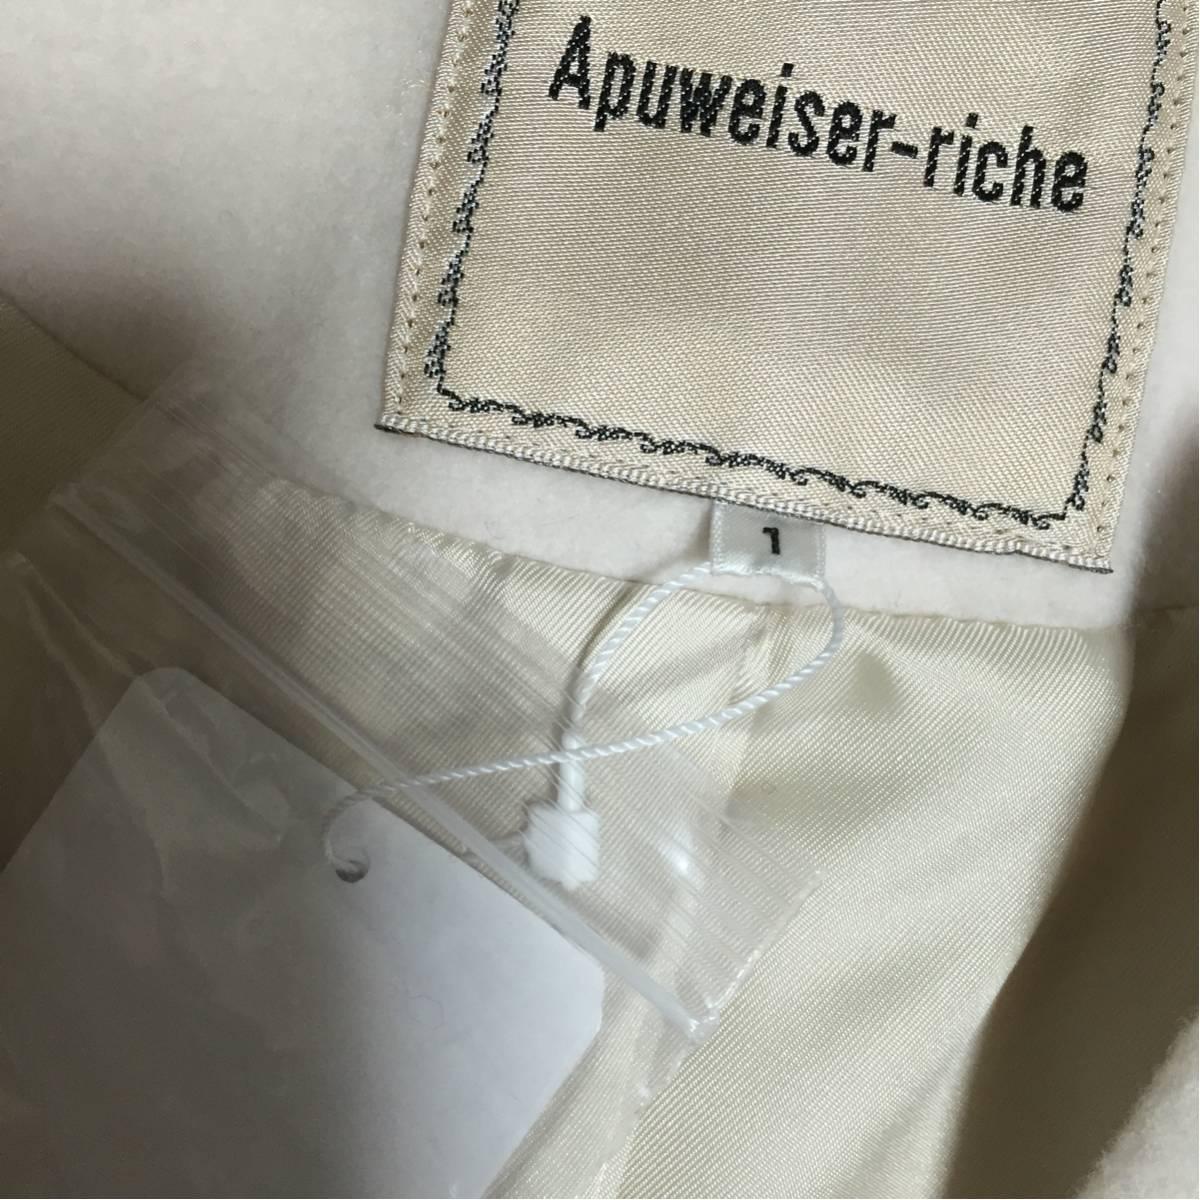 【新品】Apuweiser-riche アプワイザーリッシェ 2WAYファー付アンゴラ切替コート_画像3